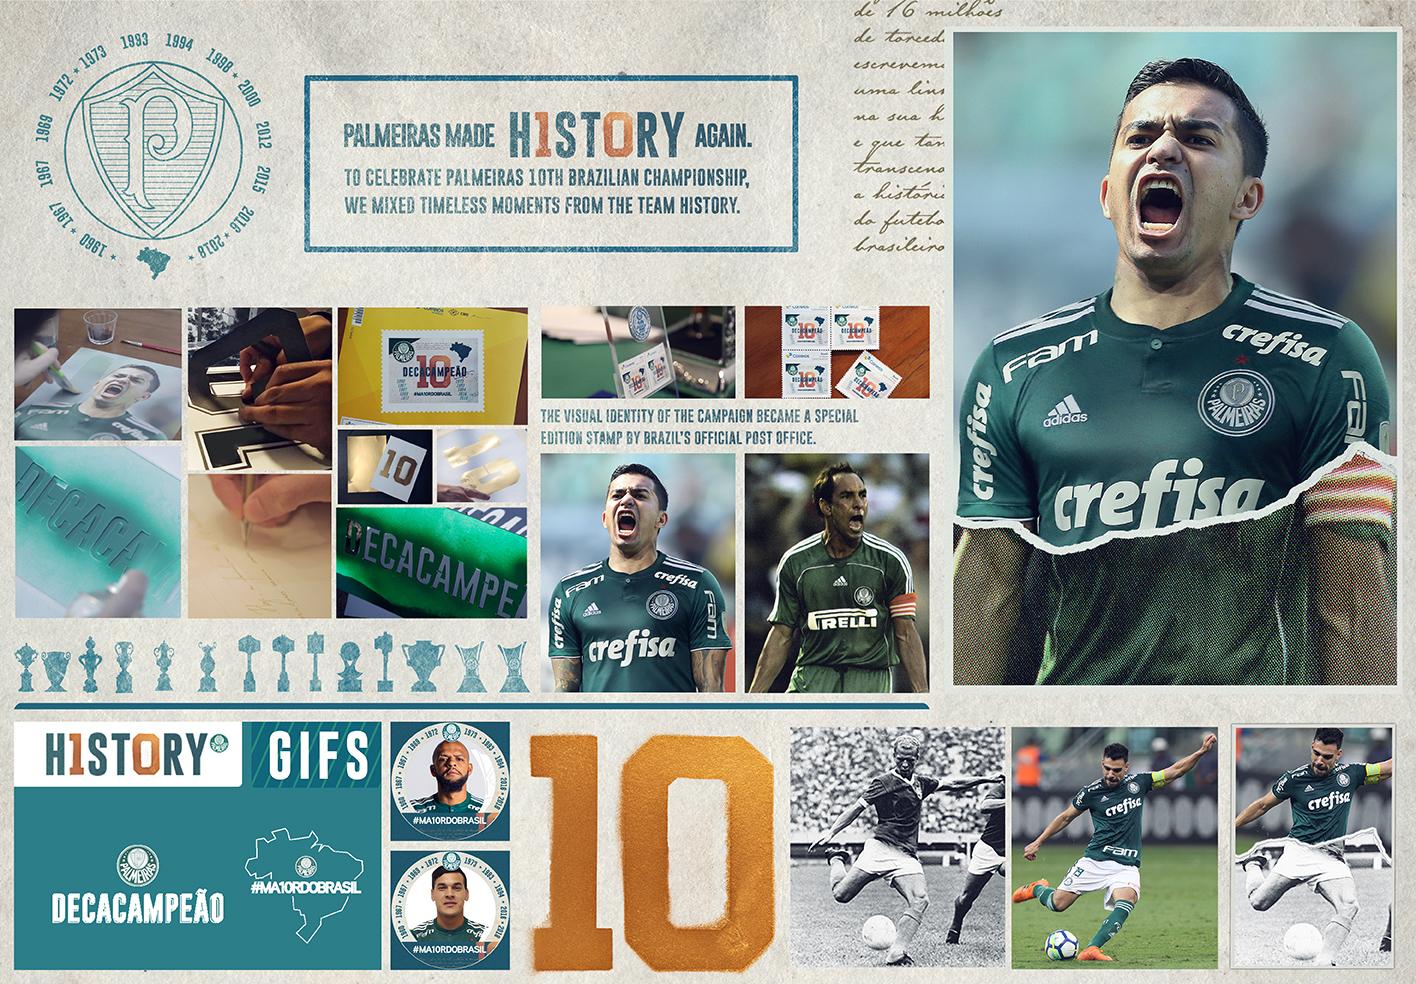 Palmeiras Decacampeão Board - Enzo Sunahara Copywriter